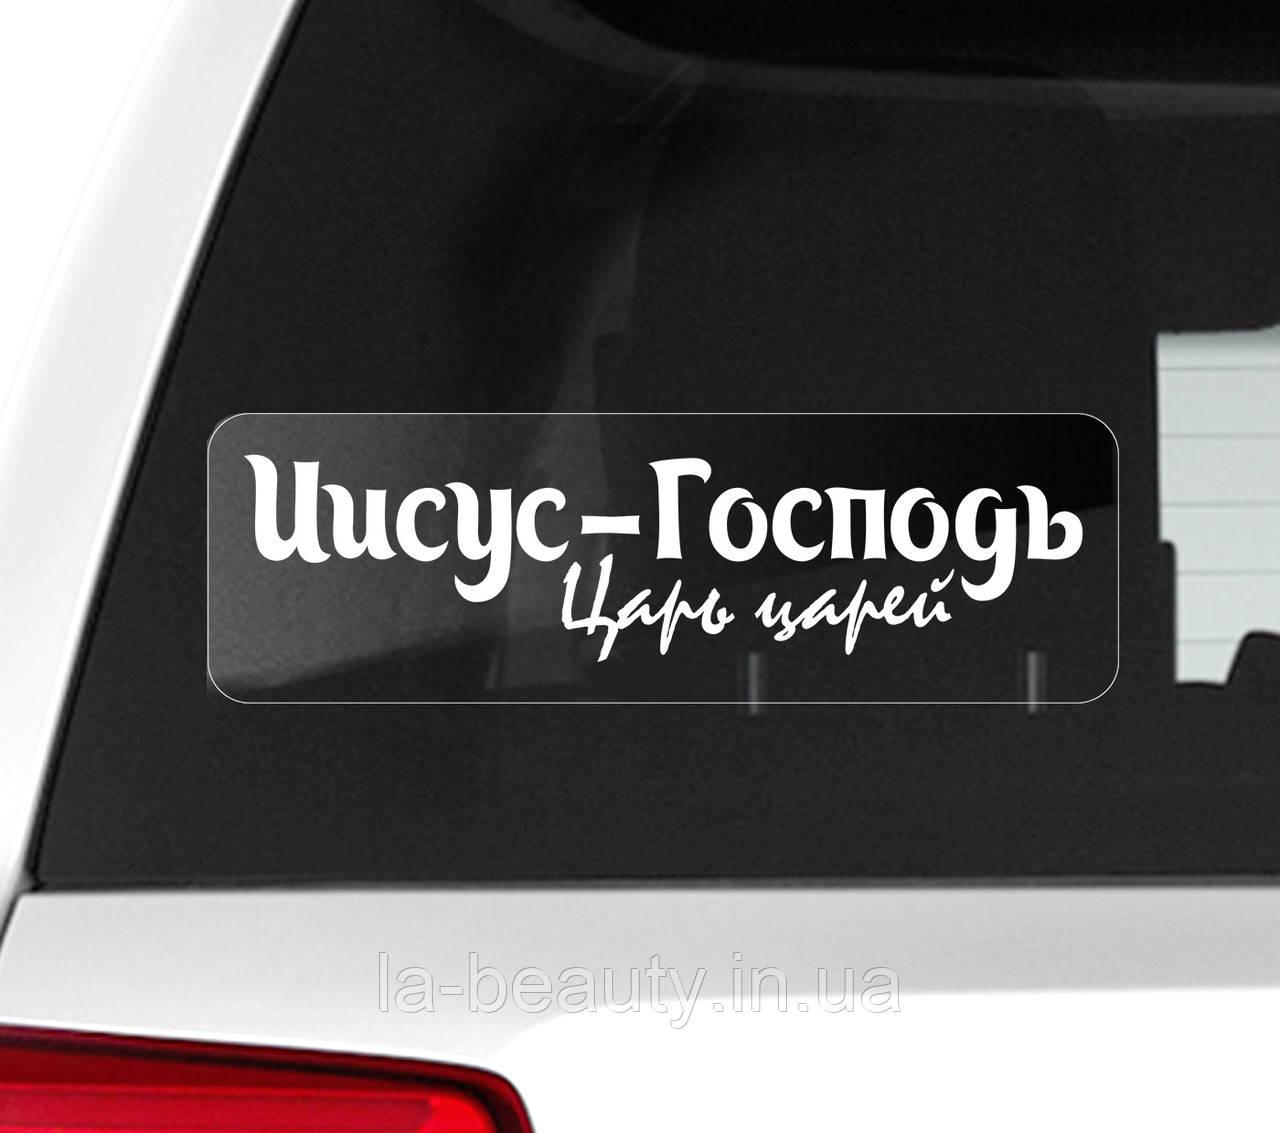 Автомобильная наклейка на стекло Иисус - Господь. Царь царей